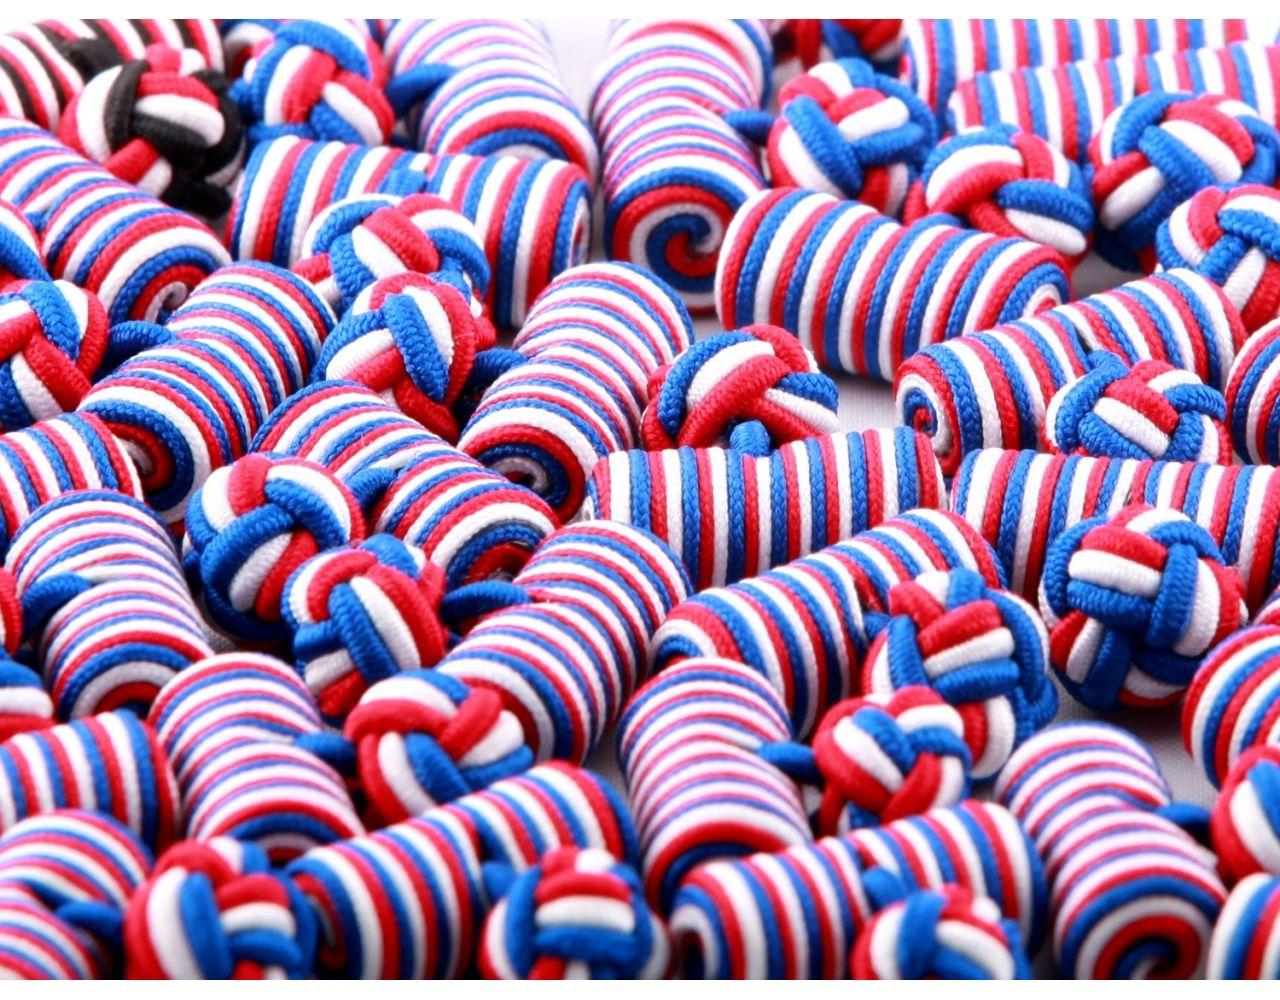 Passementerie Cylindre Bleue Rouge Et Blanche Paris Collection Naturels Autrepairedemanches Bleu Blanc Rouge Rouge Et Blanc Bleu